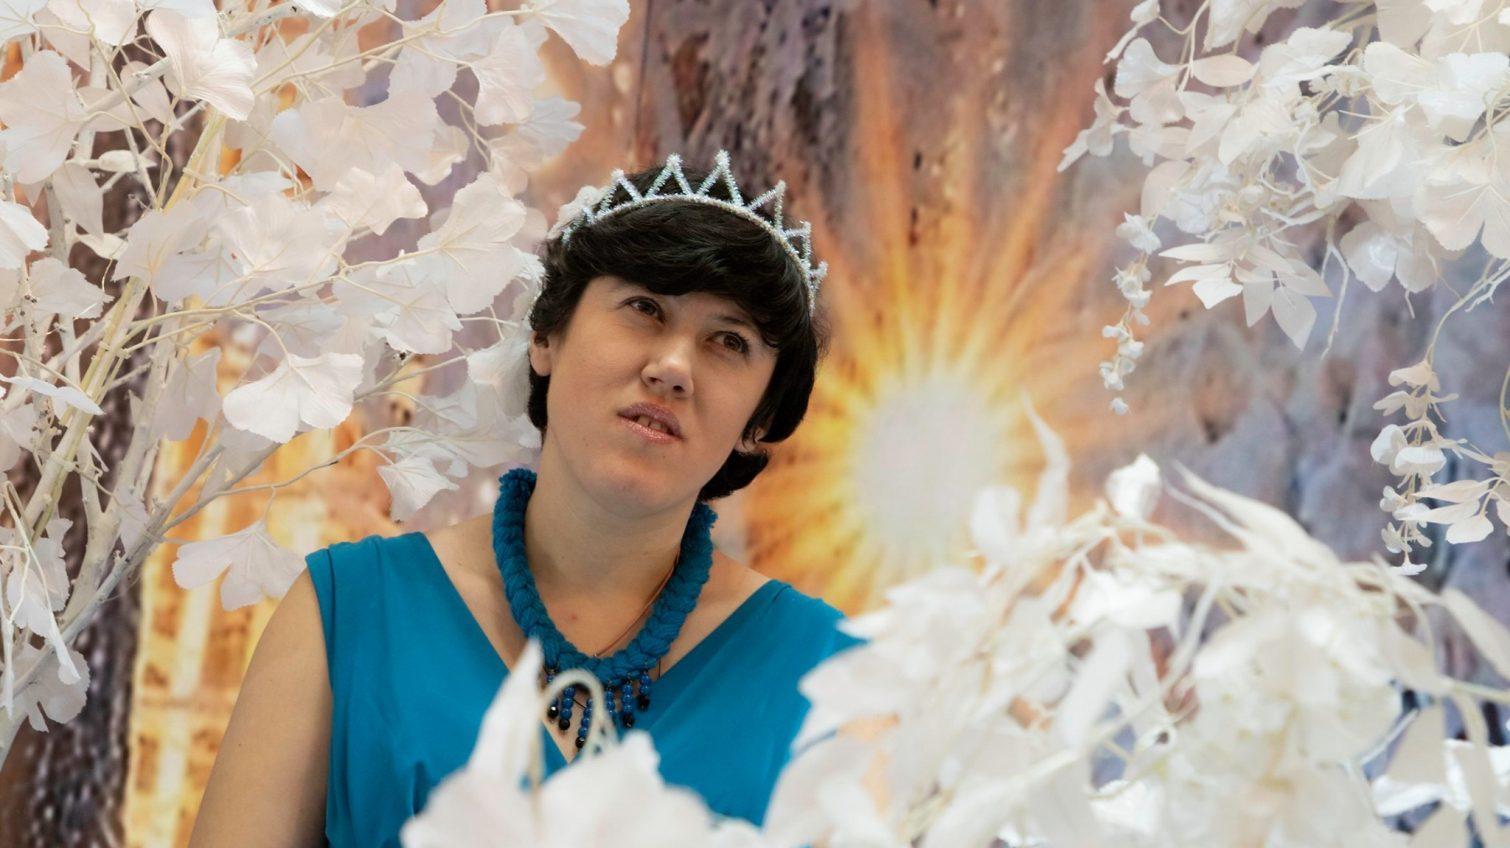 Как принцессы: организаторы показали результаты фотосессии воспитанниц интерната (фото) «фото»